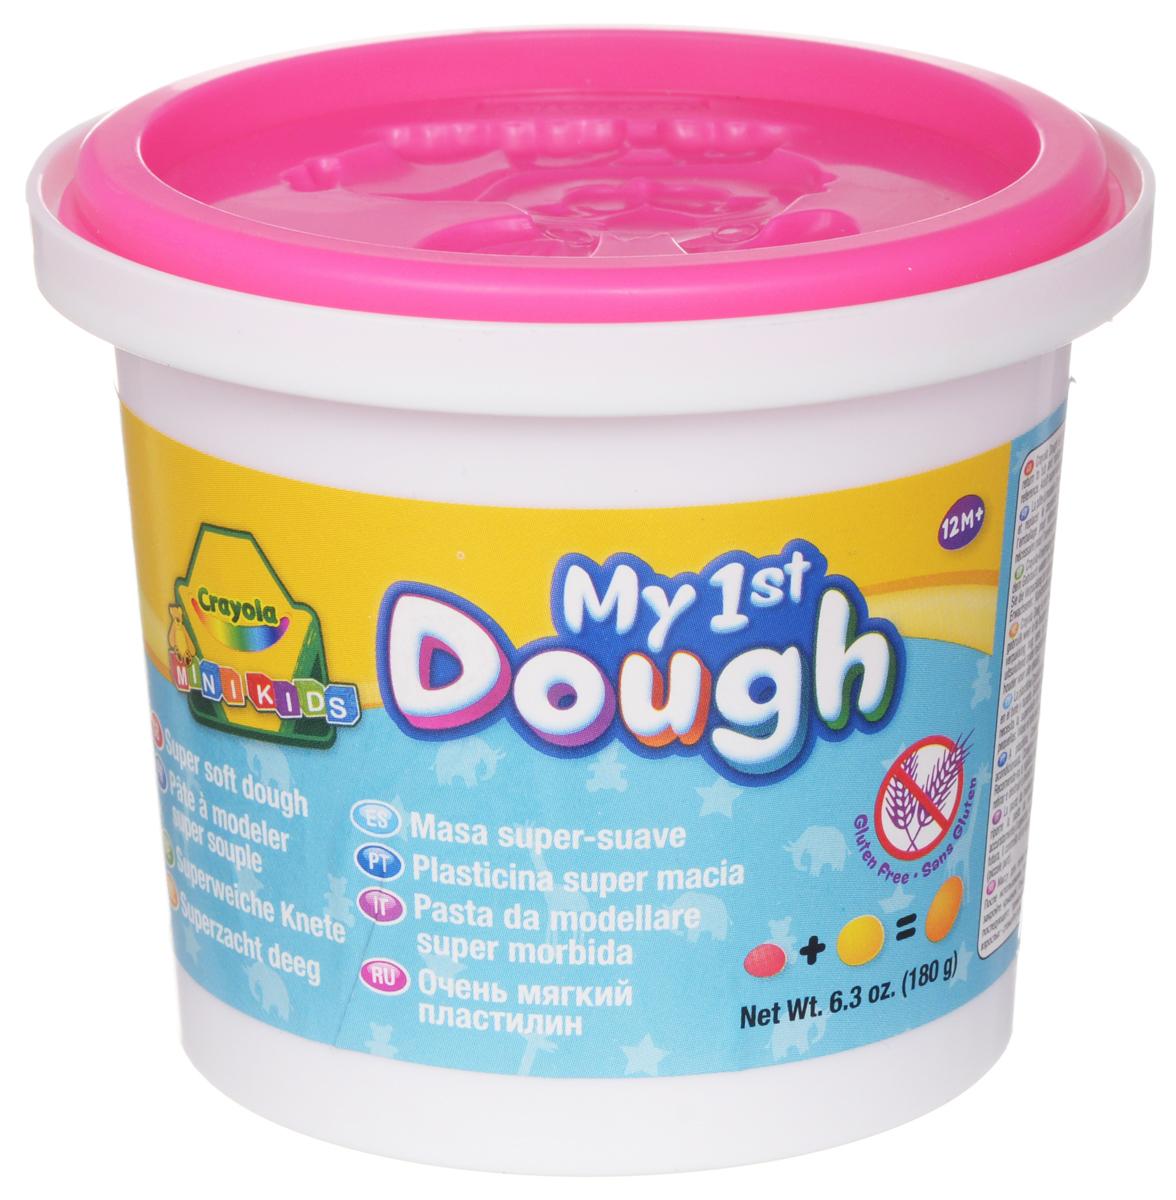 Crayola Масса для лепки My 1st Dough Зайчик цвет розовый7945_заяц розовыйМасса для лепки Crayola My 1st Dough. Зайчик, предназначенная для лепки и моделирования, поможет малышу развить творческие способности, воображение и мелкую моторику рук. Очень мягкий, пластилин хорошо мнется и быстро высыхает. Окрашен безопасным красителем. В крышке и донышке имеются формочки в виде животных. Лепка из пластилина - необычайно занимательный процесс не только для детей, но и для взрослых. Объем: 180 грамм.